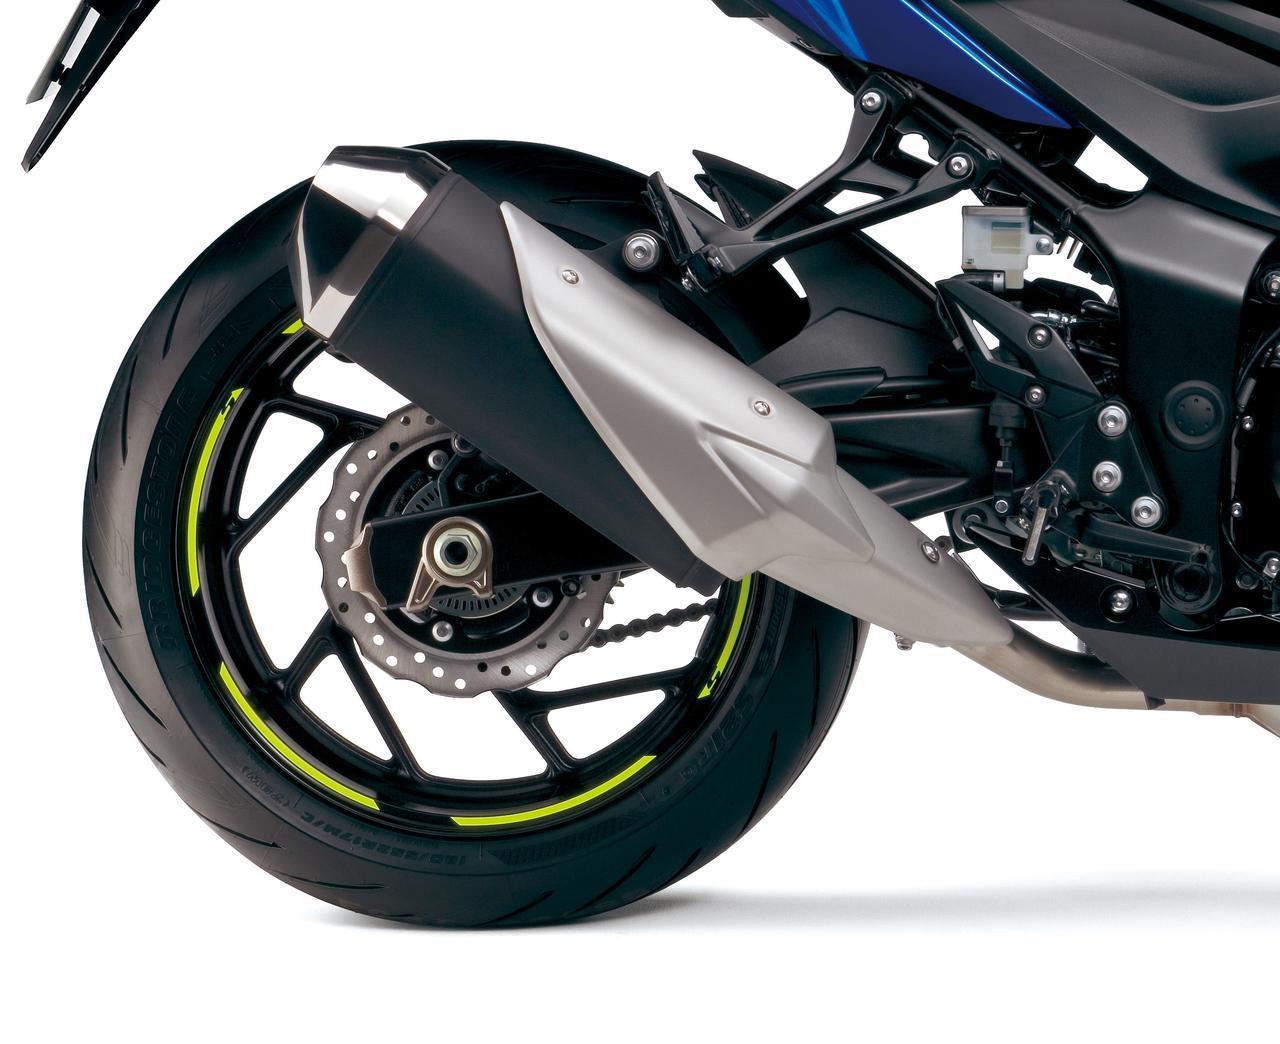 画像14: 【ライバル比較】ヤマハ「MT-09 ABS SP」|カワサキ「Z900」|スズキ「GSX-S750」